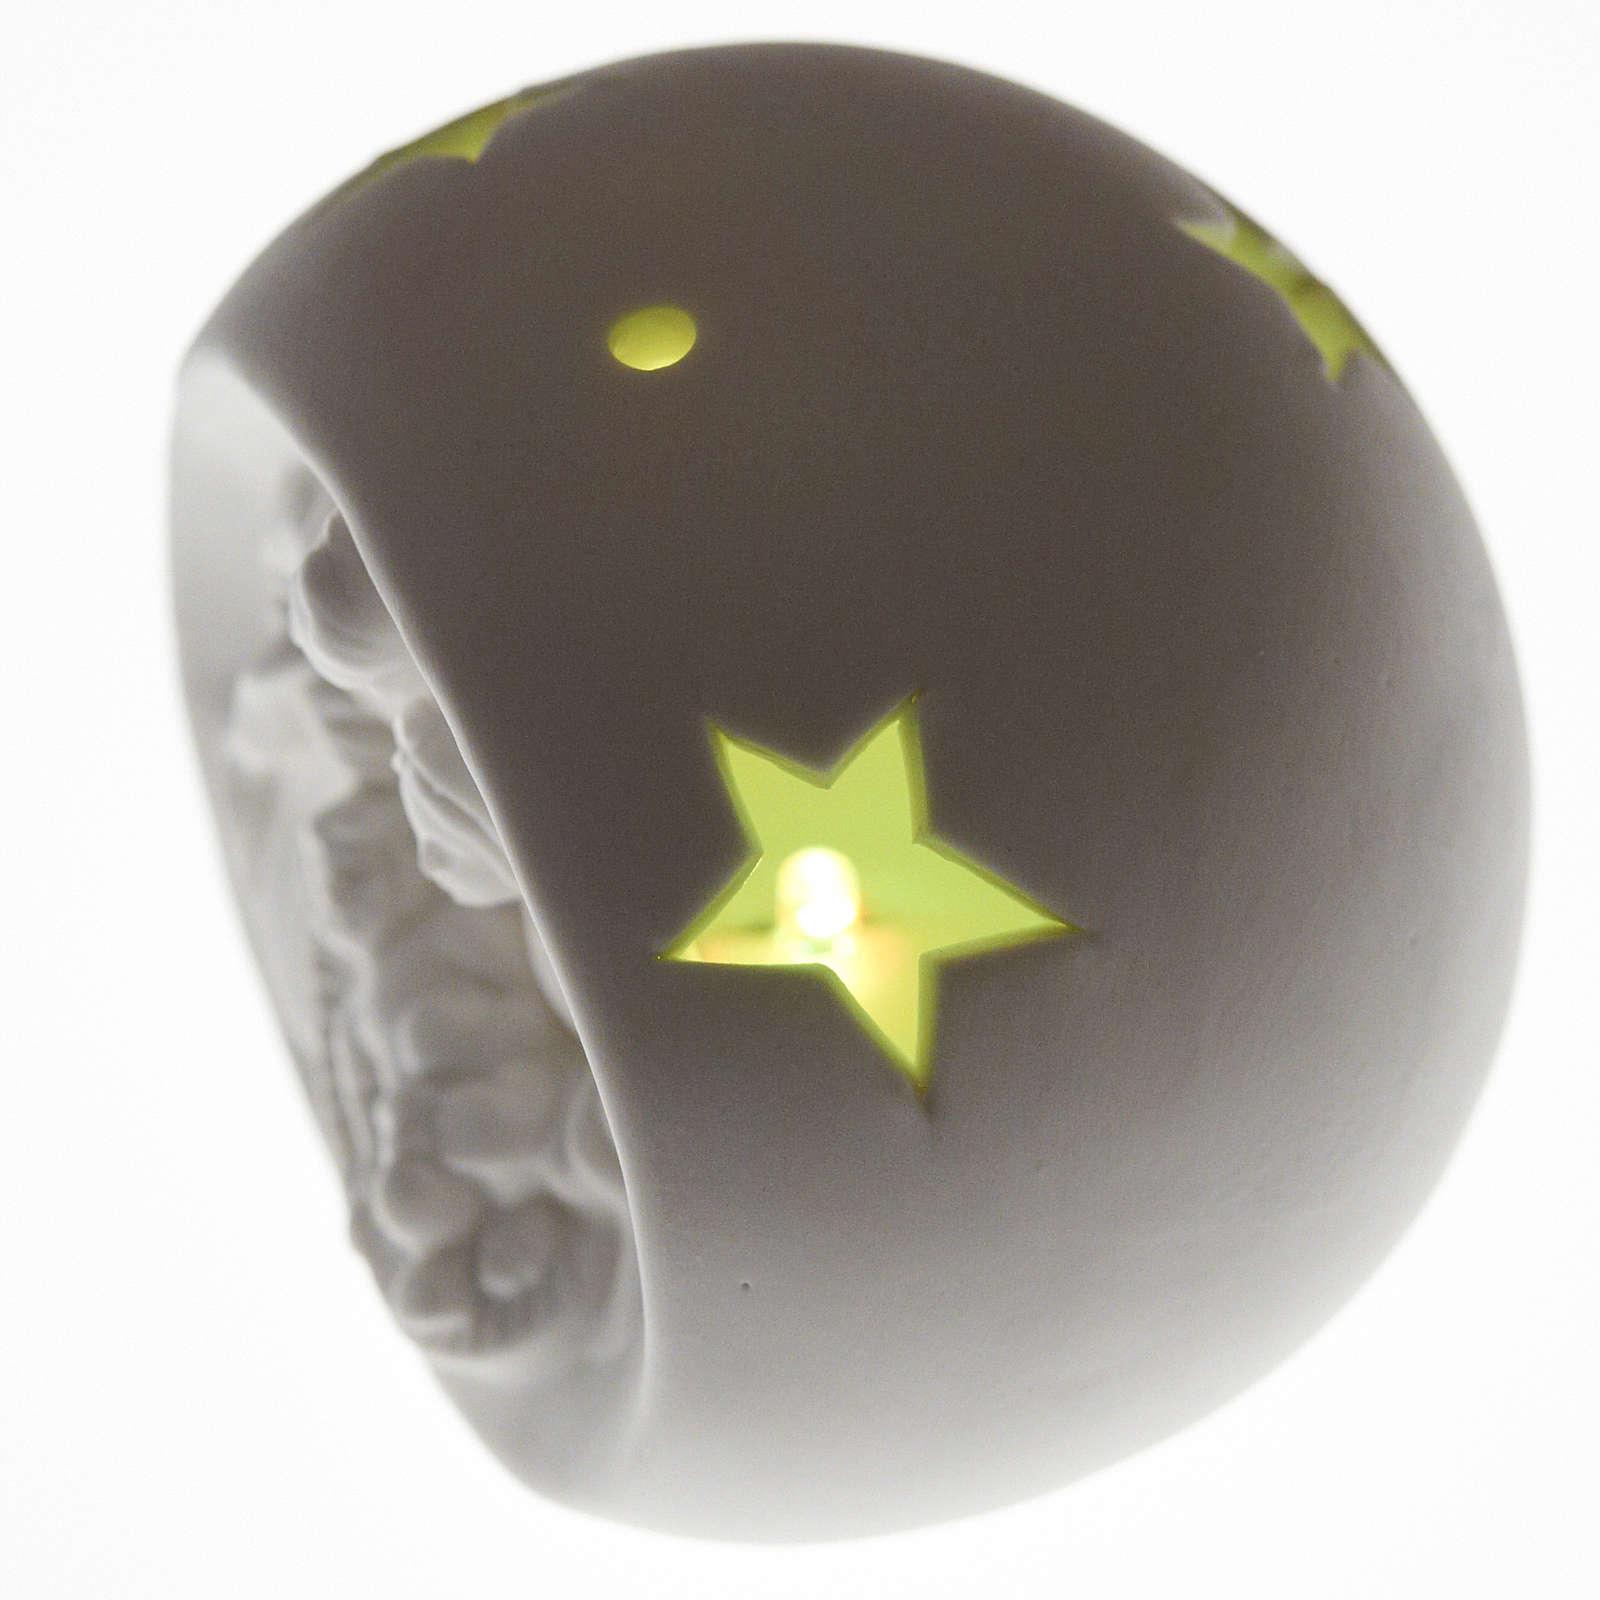 Natività sfera ceramica luce led colorata 3